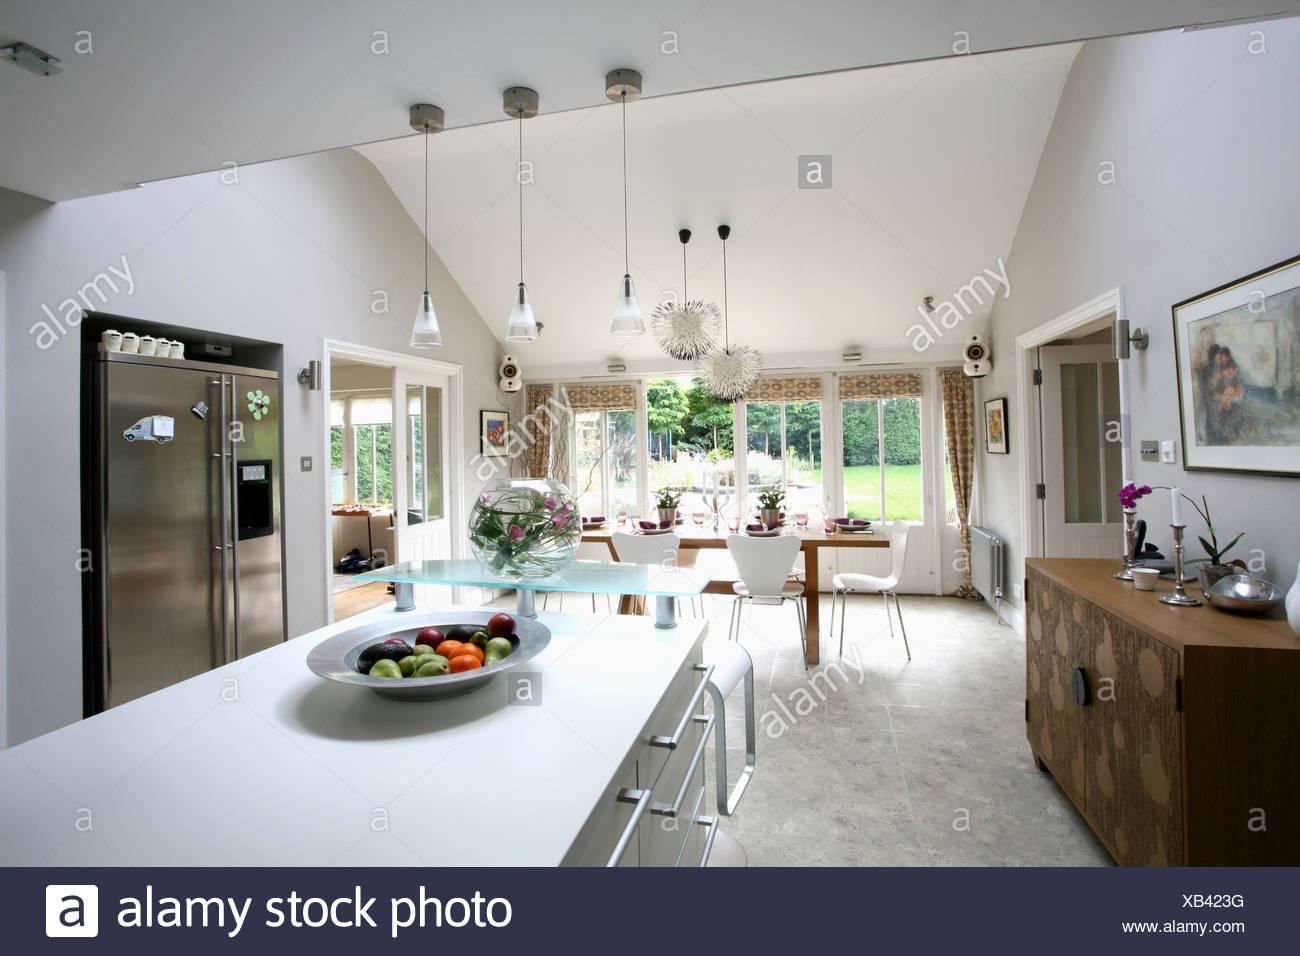 Rechteckige Insel Einheit Und Granit Fußböden In Große, Moderne Küche Und  Esszimmer Mit Amerikanische Kühl Gefrierkombination